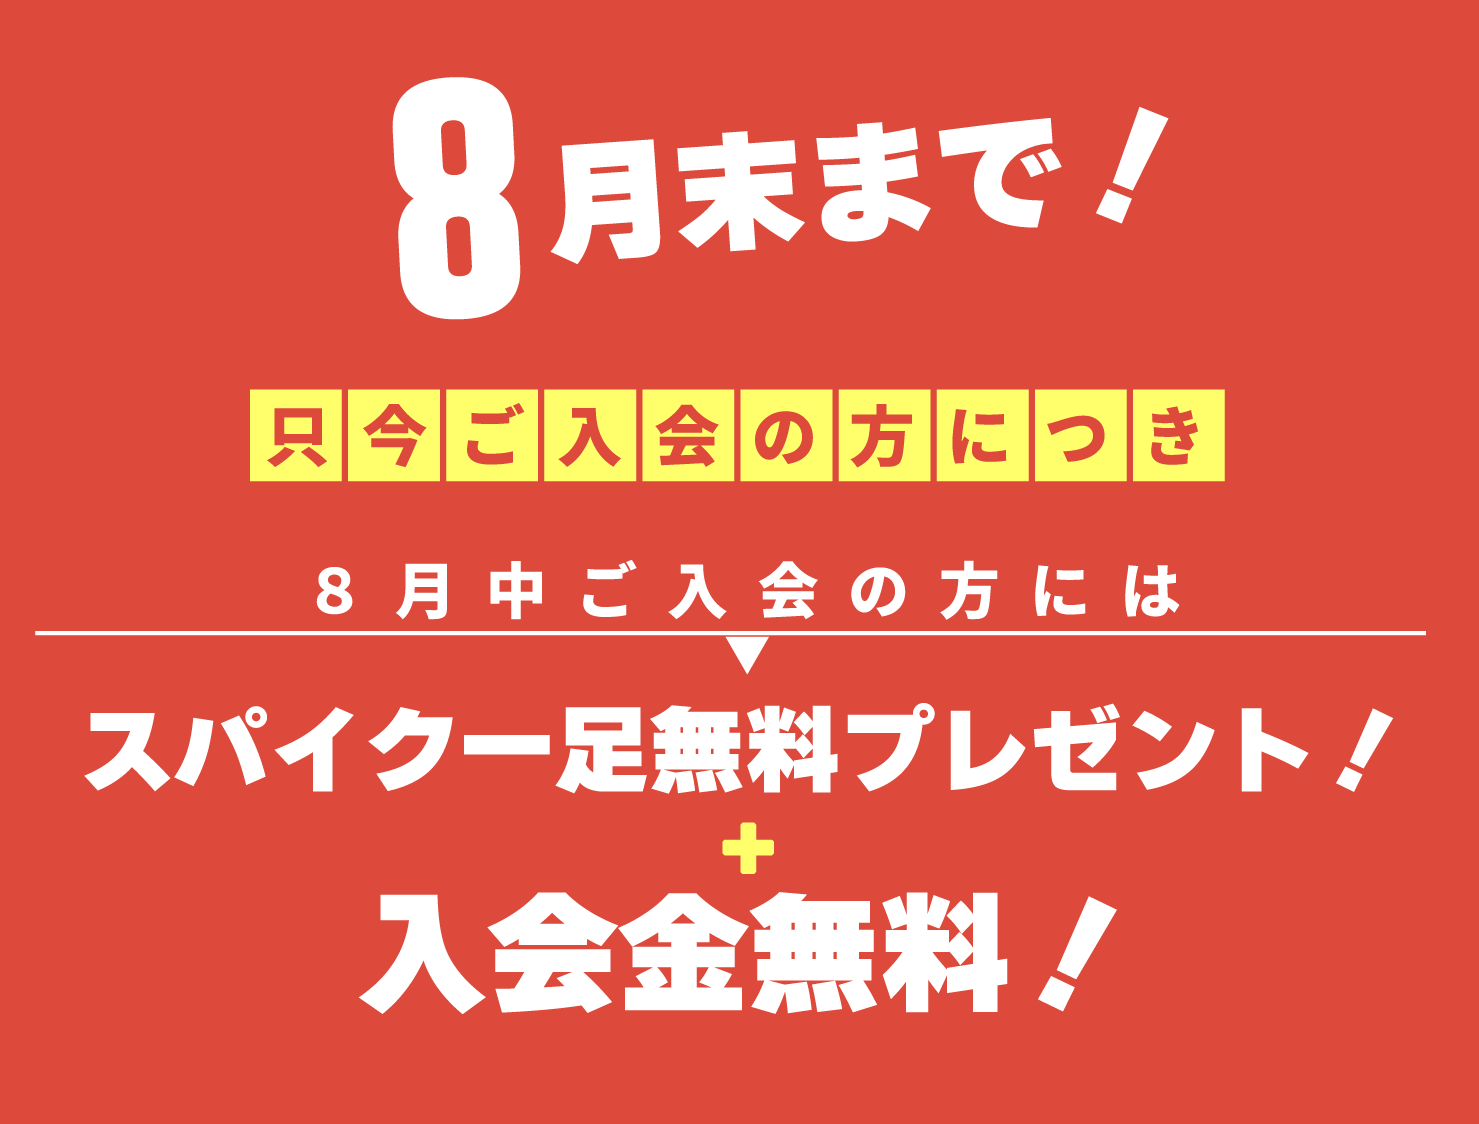 レガッテサッカースクール8月末までキャンペーン!!